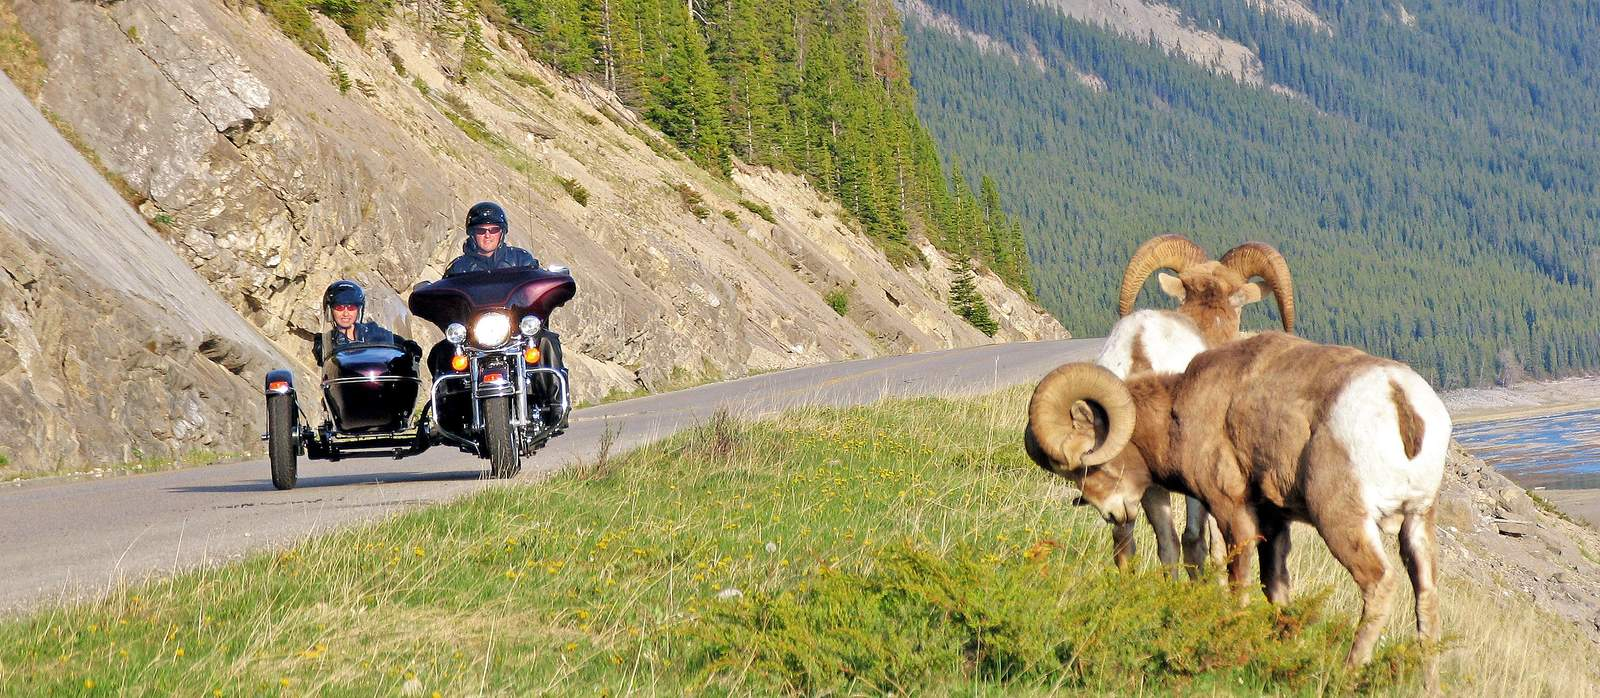 Motorrad mit Beiwagen im Alberta National Park